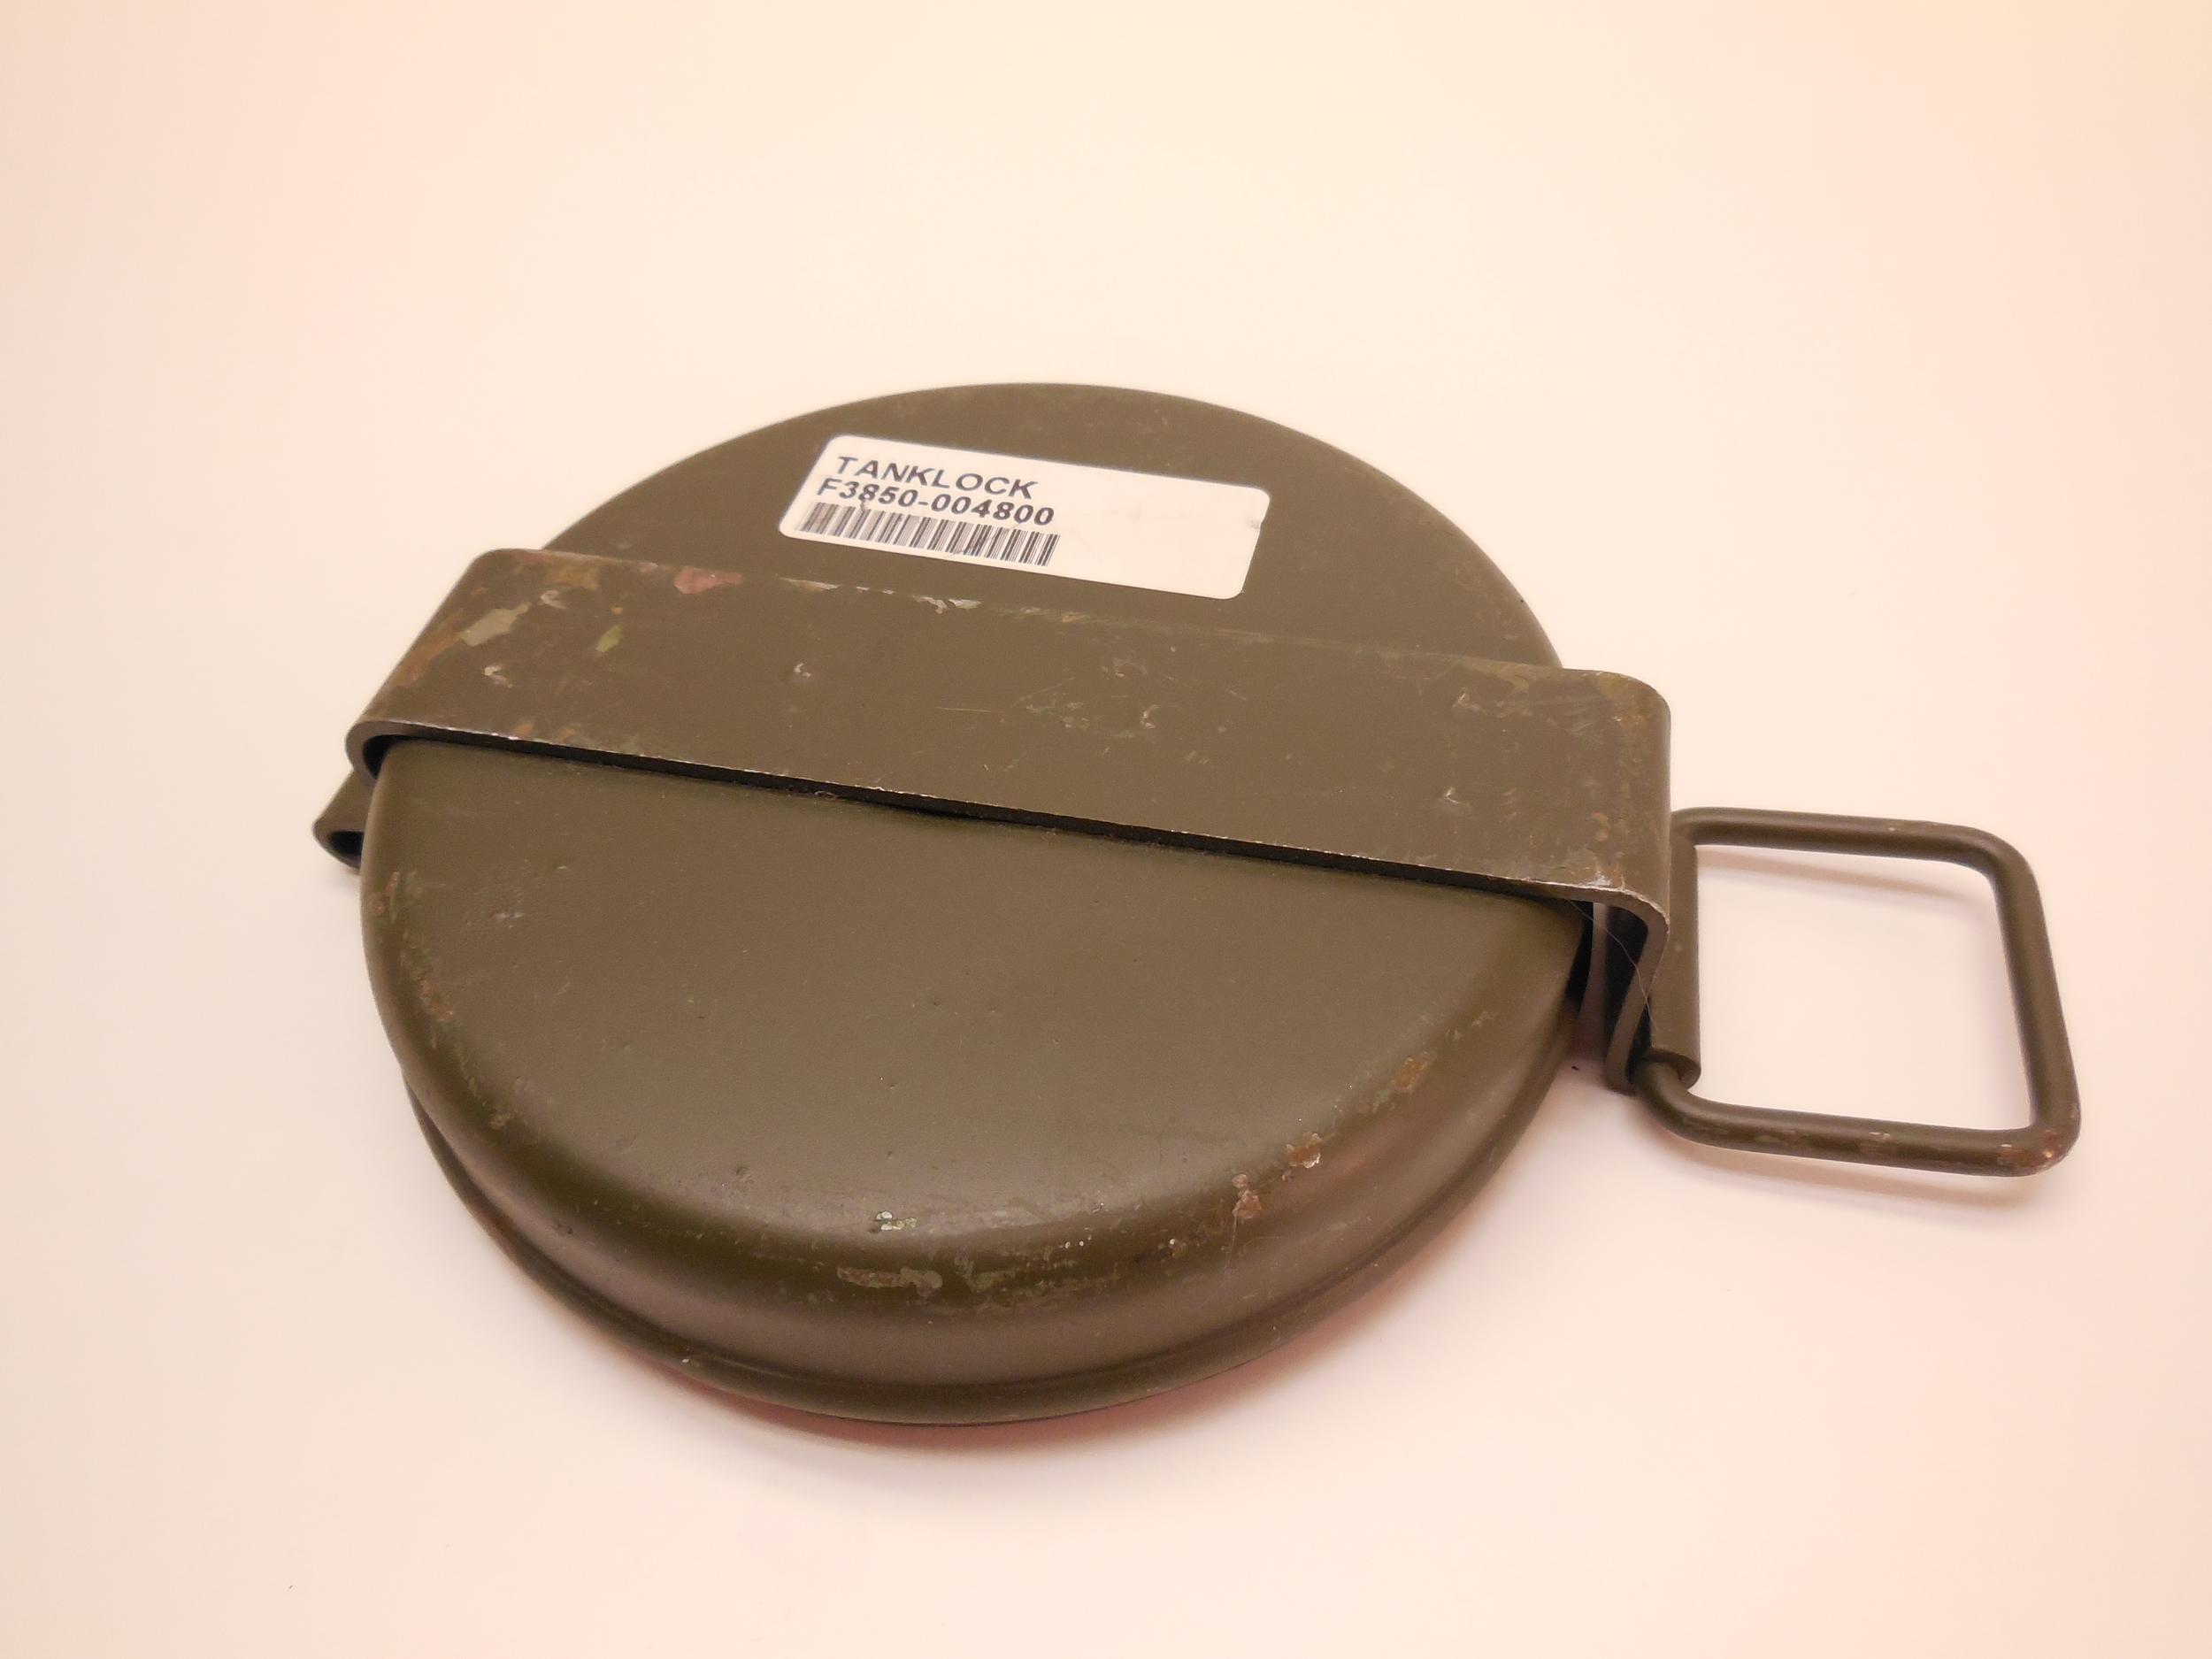 Gas Cap Häggo Nr: 453 6576-801 price: 1180 SEK